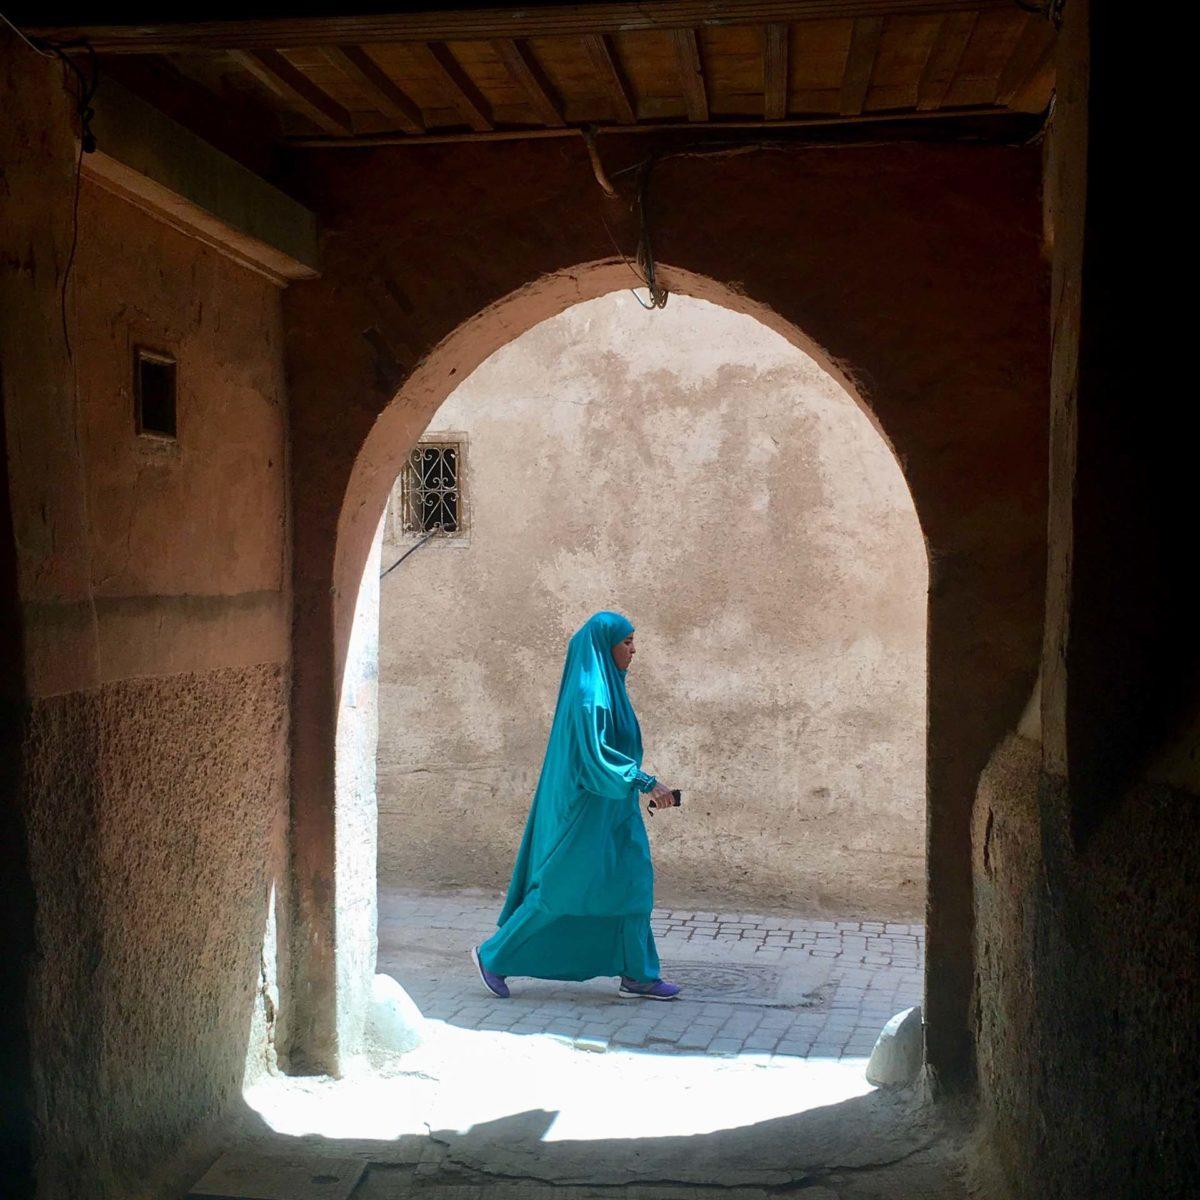 Familienferien in Marokko, Teil 2 – Mitten in Marrakesch